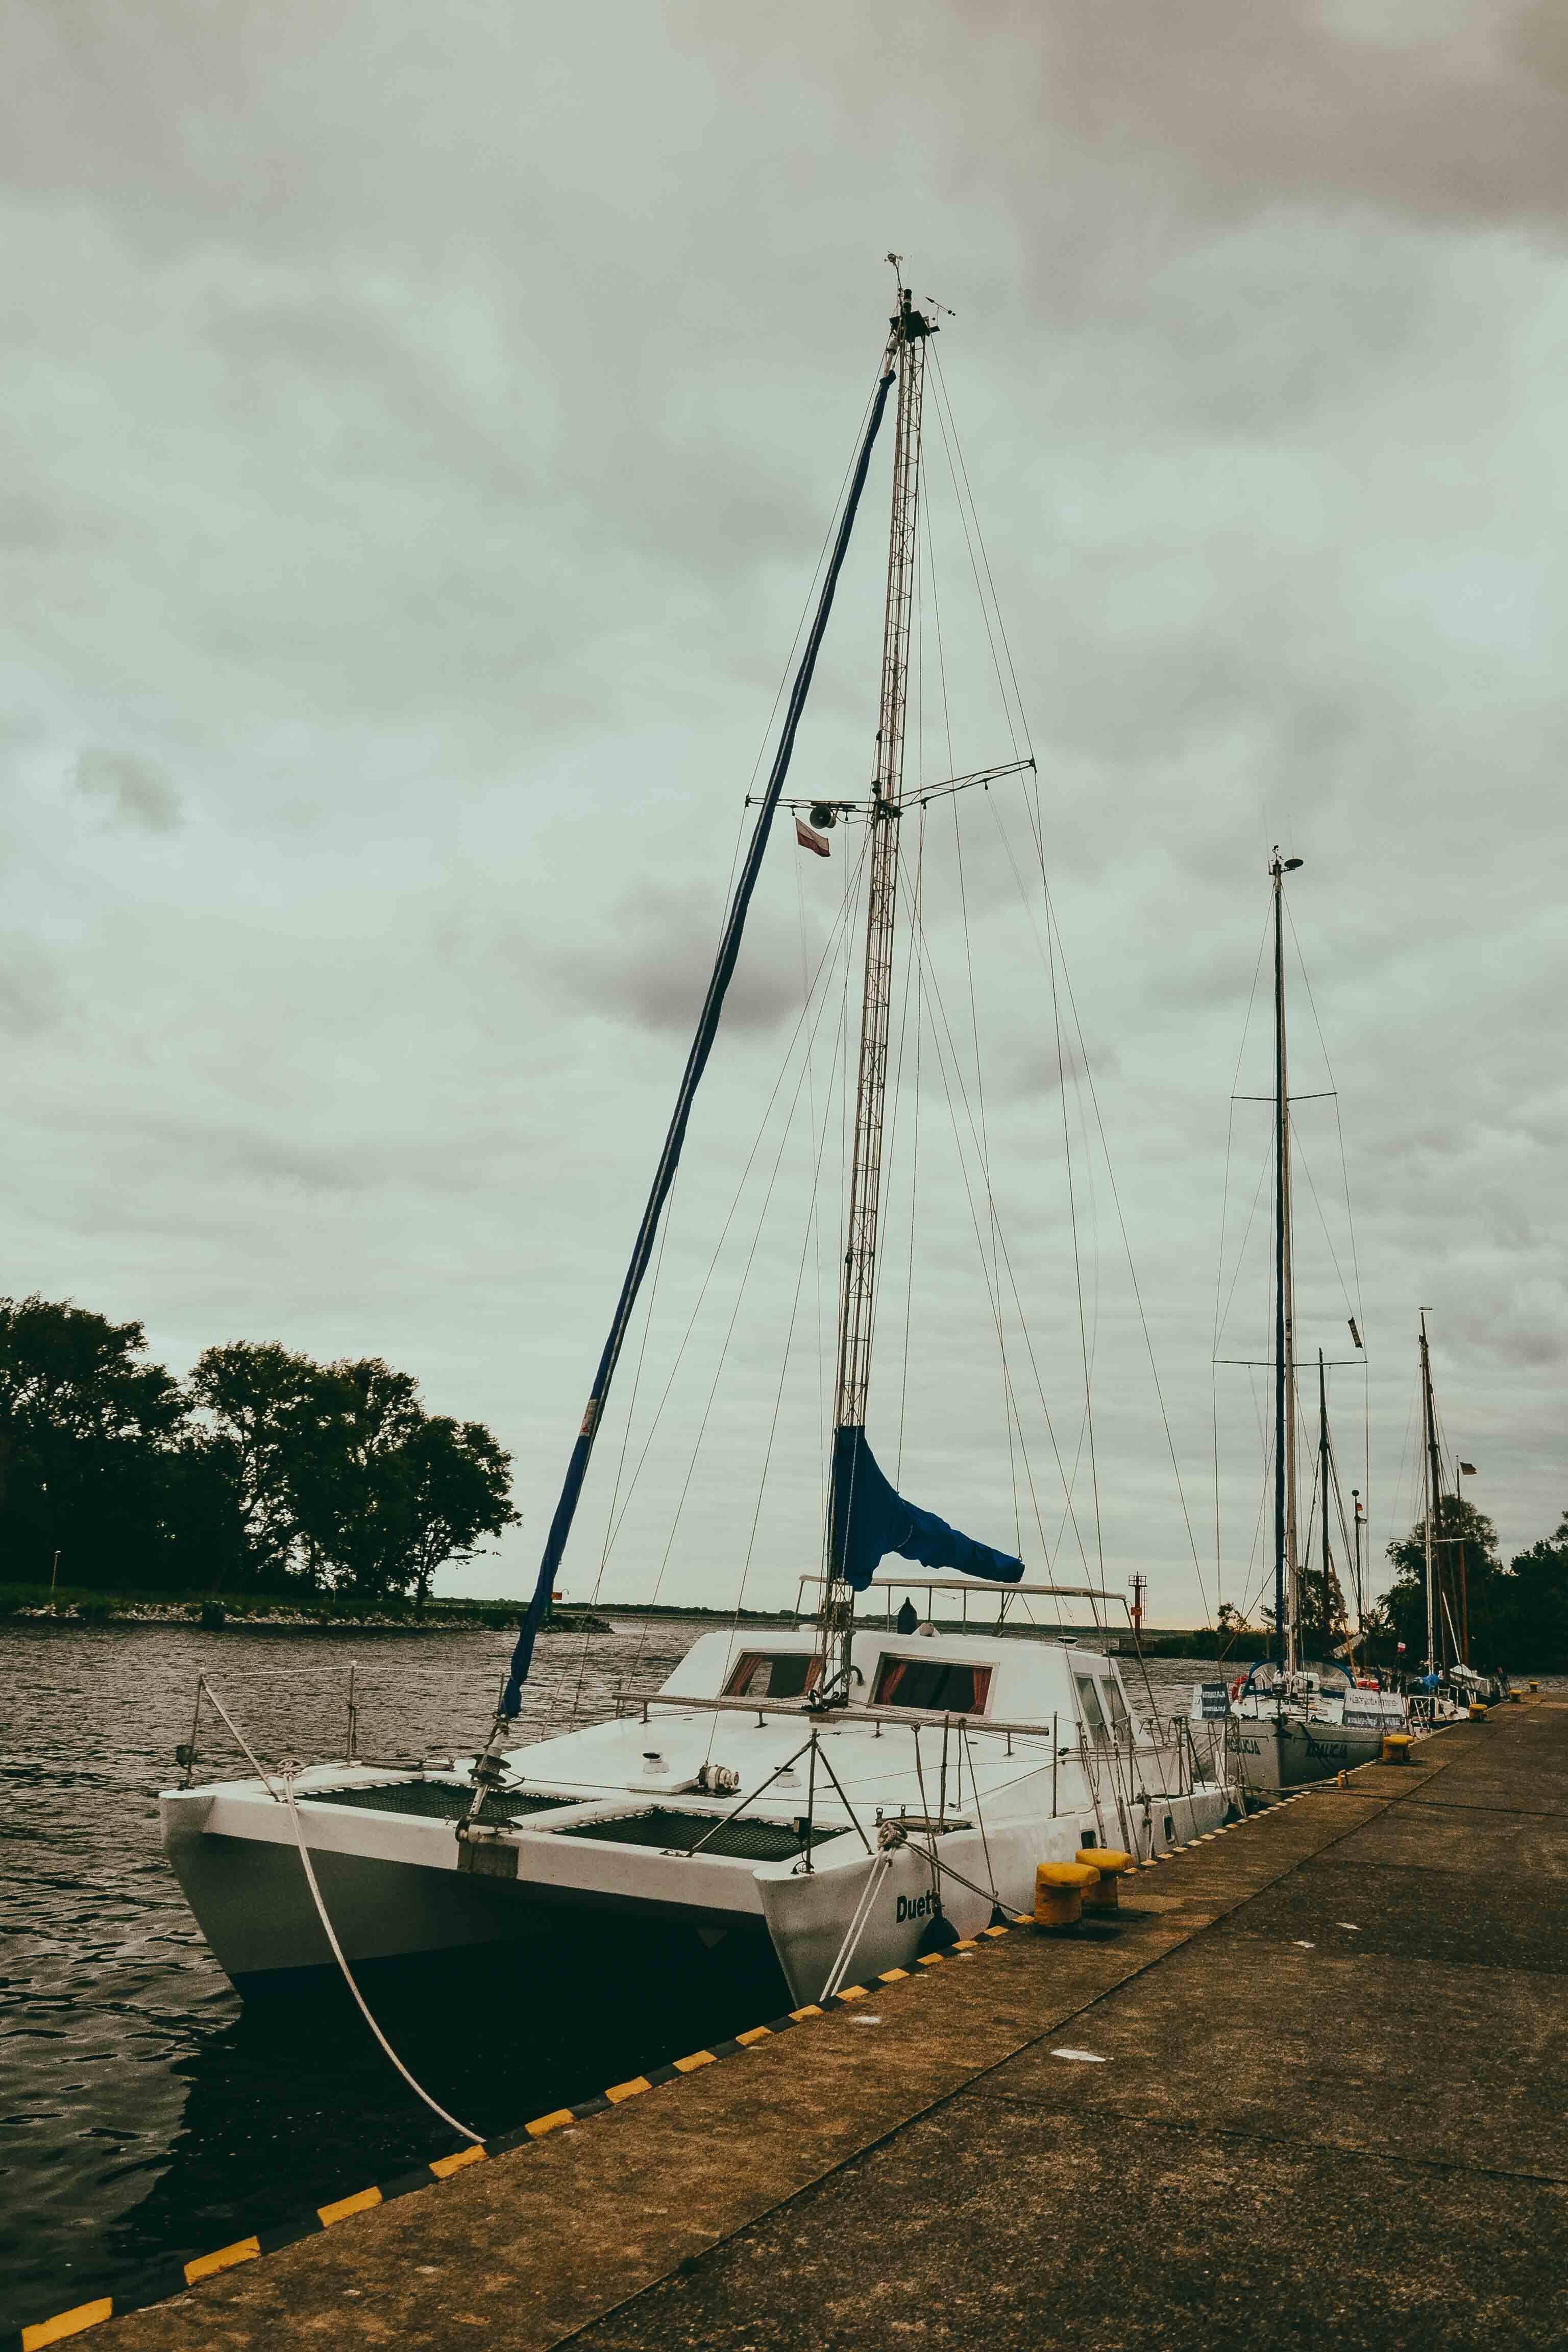 trzebież-port-marina-okonasznurku-fotografia (54)